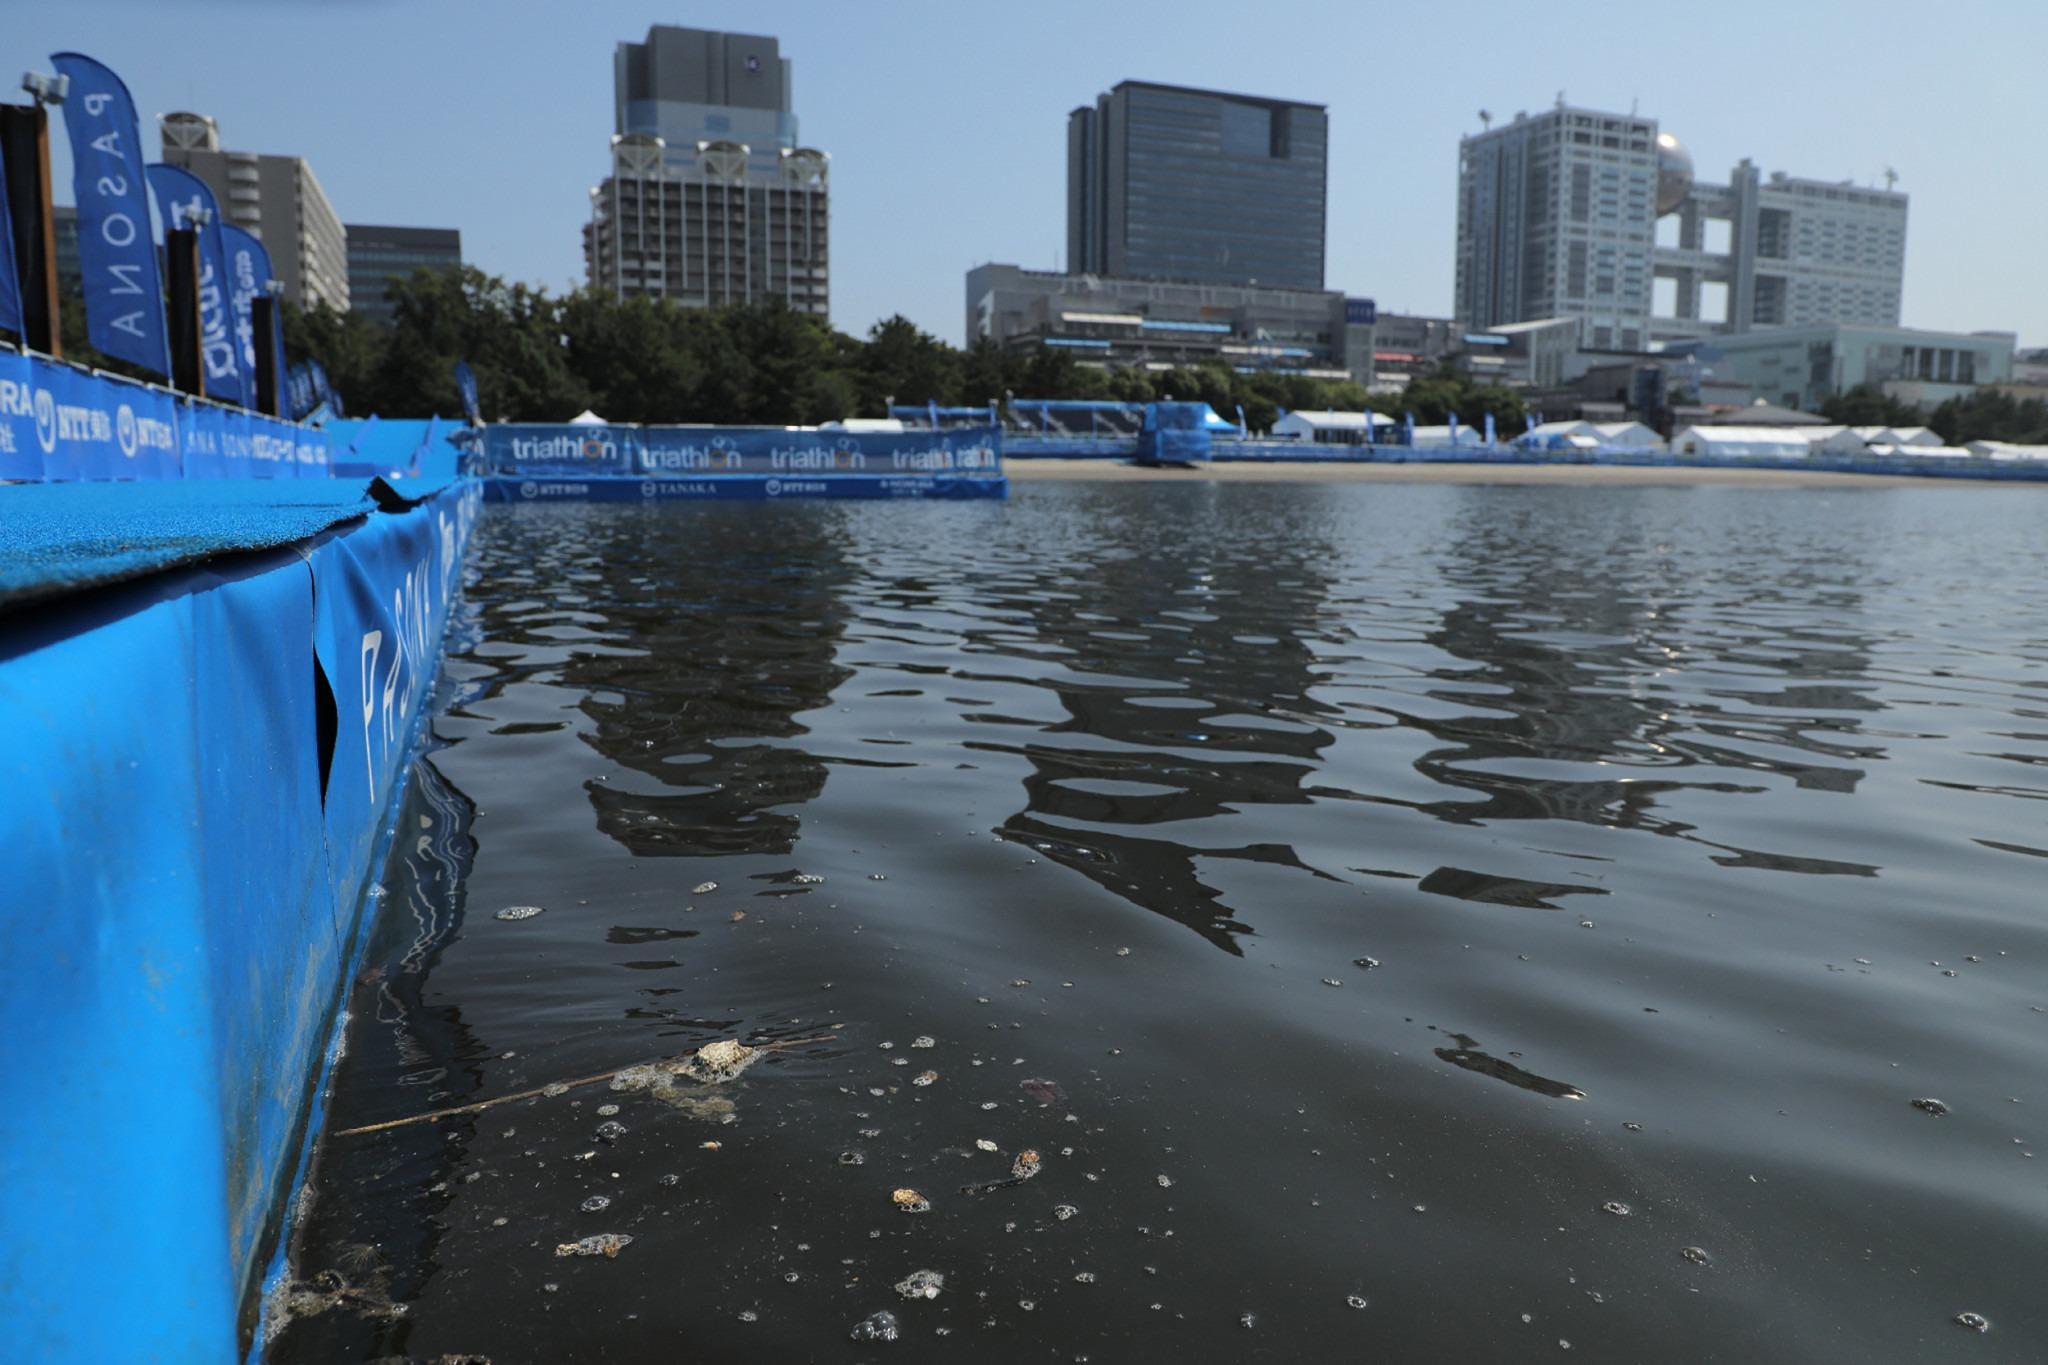 Evento-teste de paratriatlo sofre mudanças por causa de bactéria nas águas de Tóquio